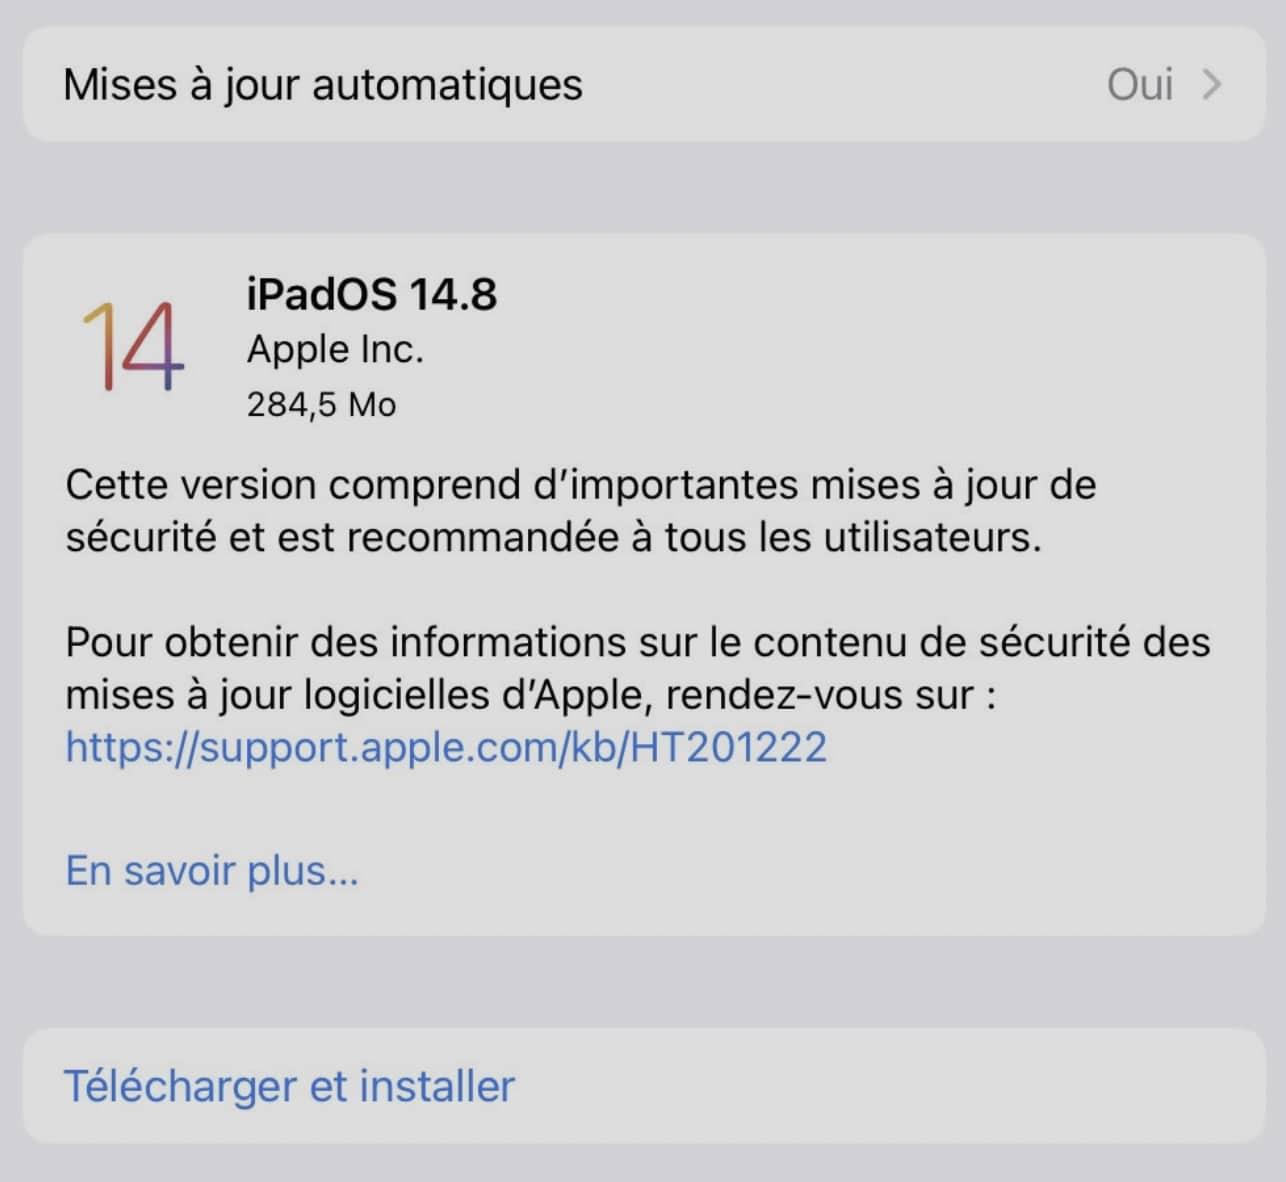 telecharger ipados 14.8